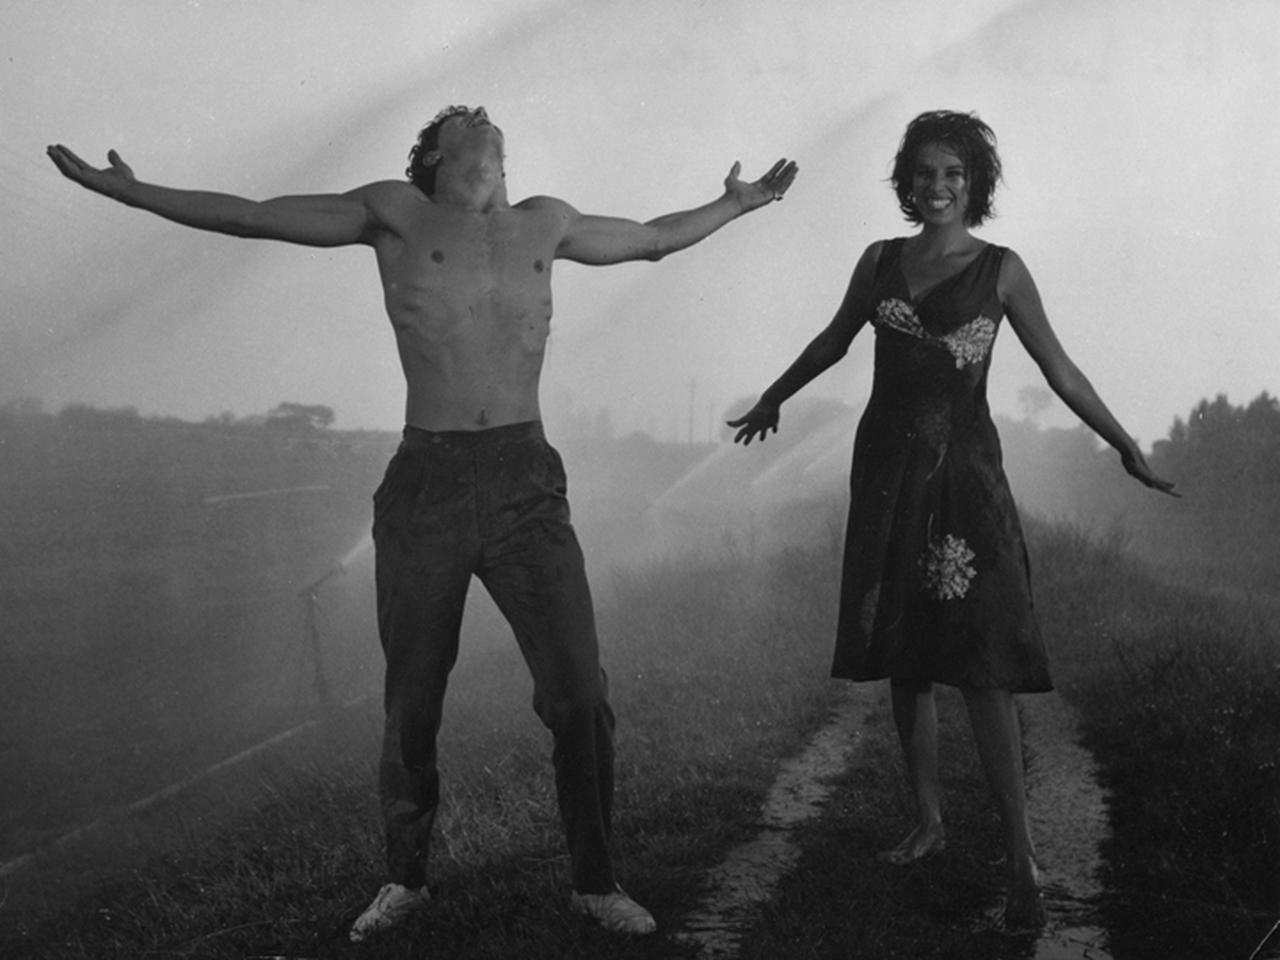 画像: 「狂った夜」©1959 Ajace Film - Compagnia Cinematografica - Surf Film S.r.l. All Rights Reserved.